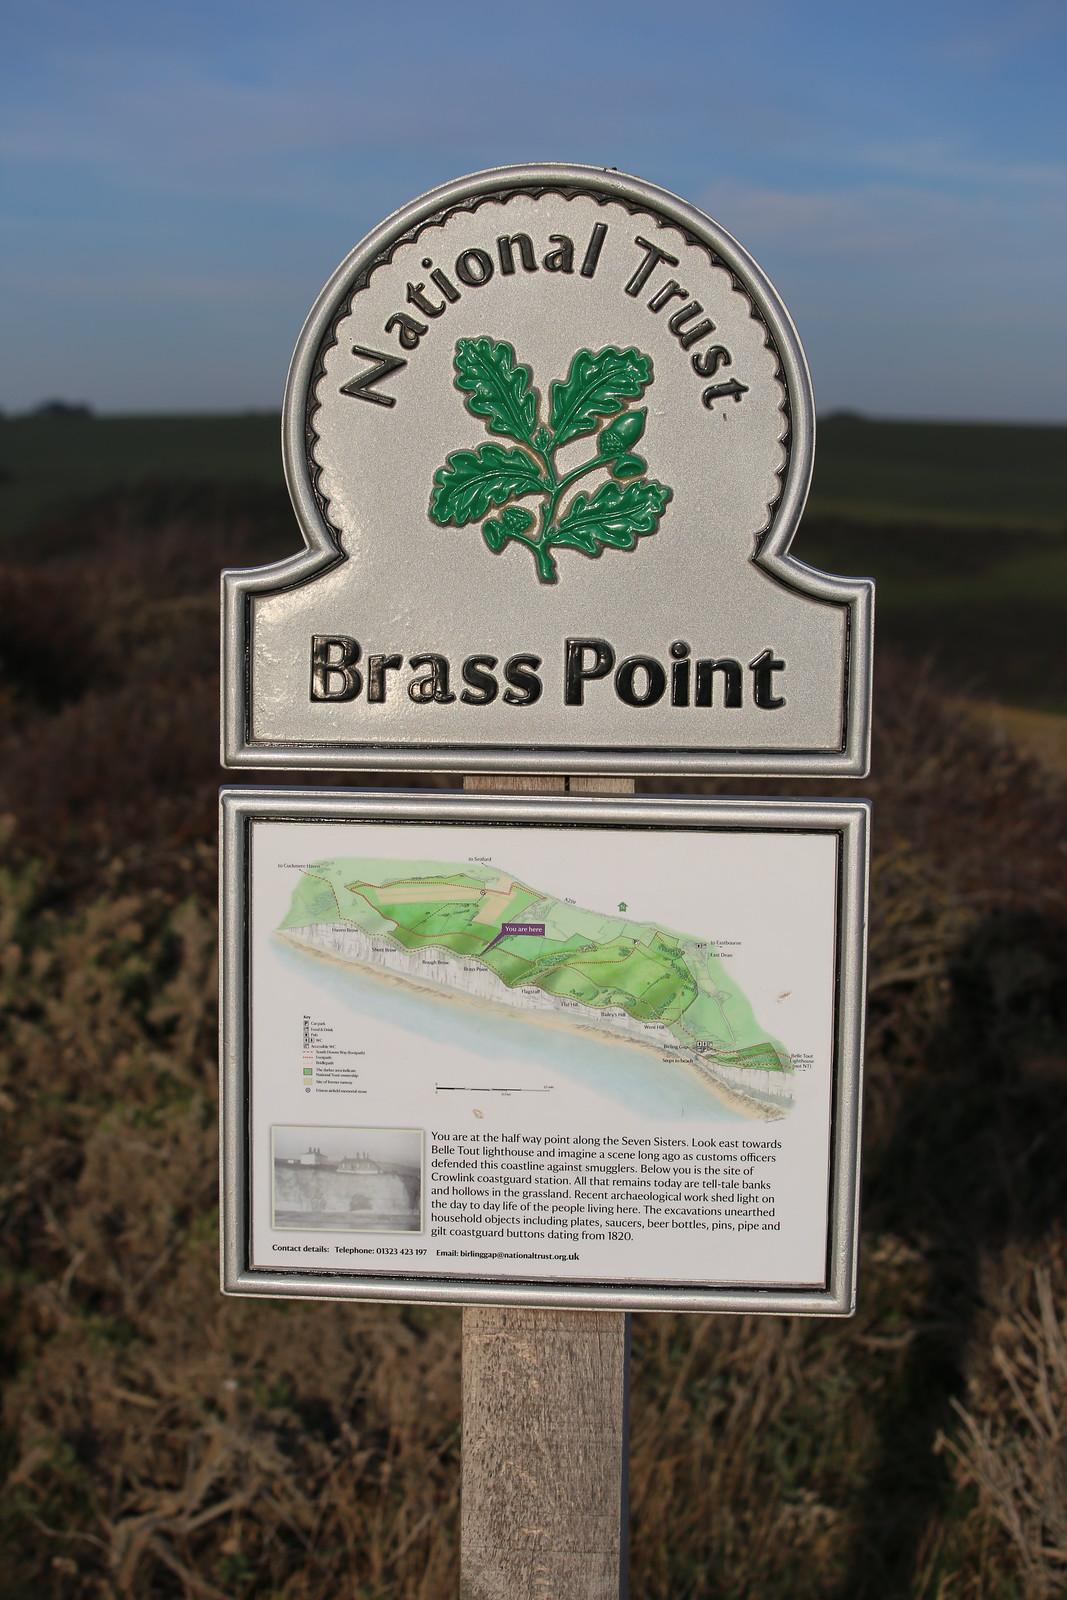 Brass Point